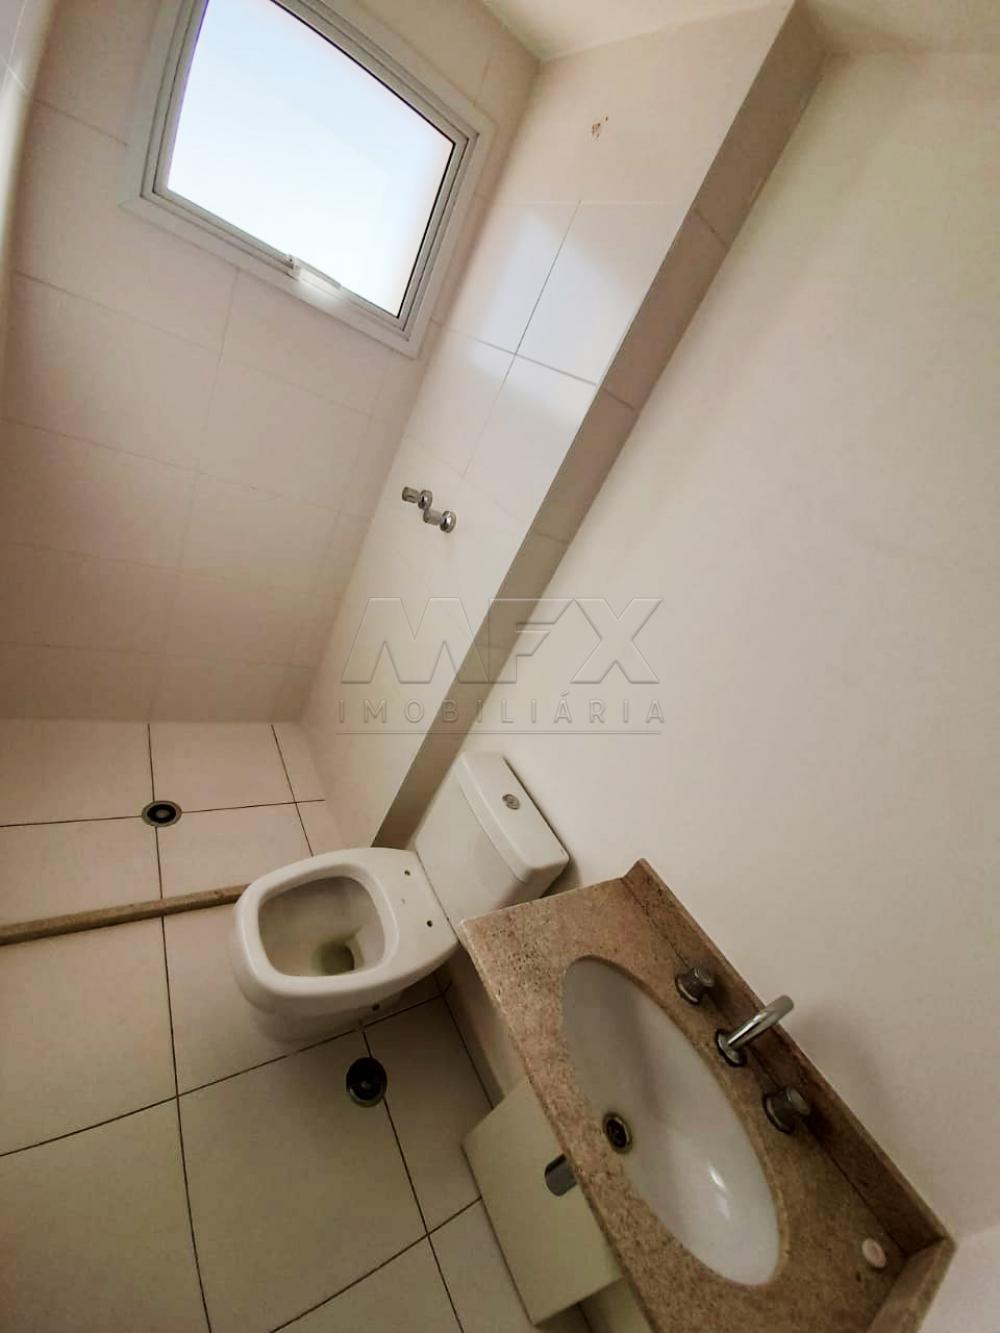 Comprar Apartamento / Padrão em Bauru R$ 525.000,00 - Foto 4